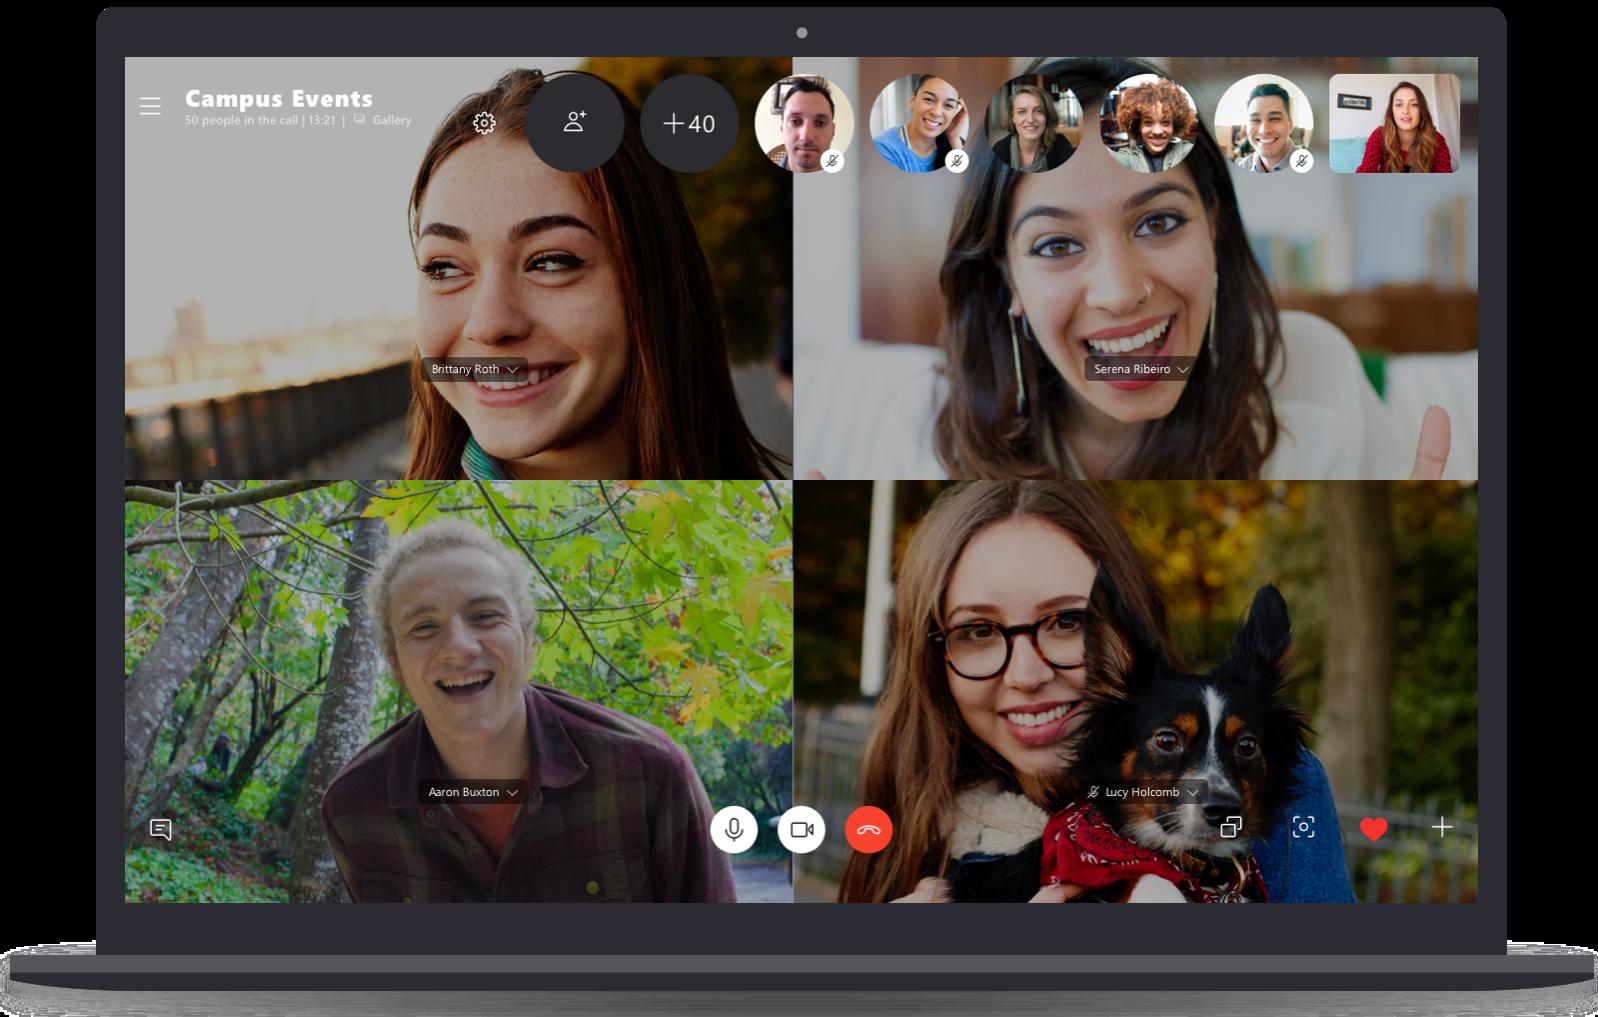 Impostare uno sfondo predefinito su Skype